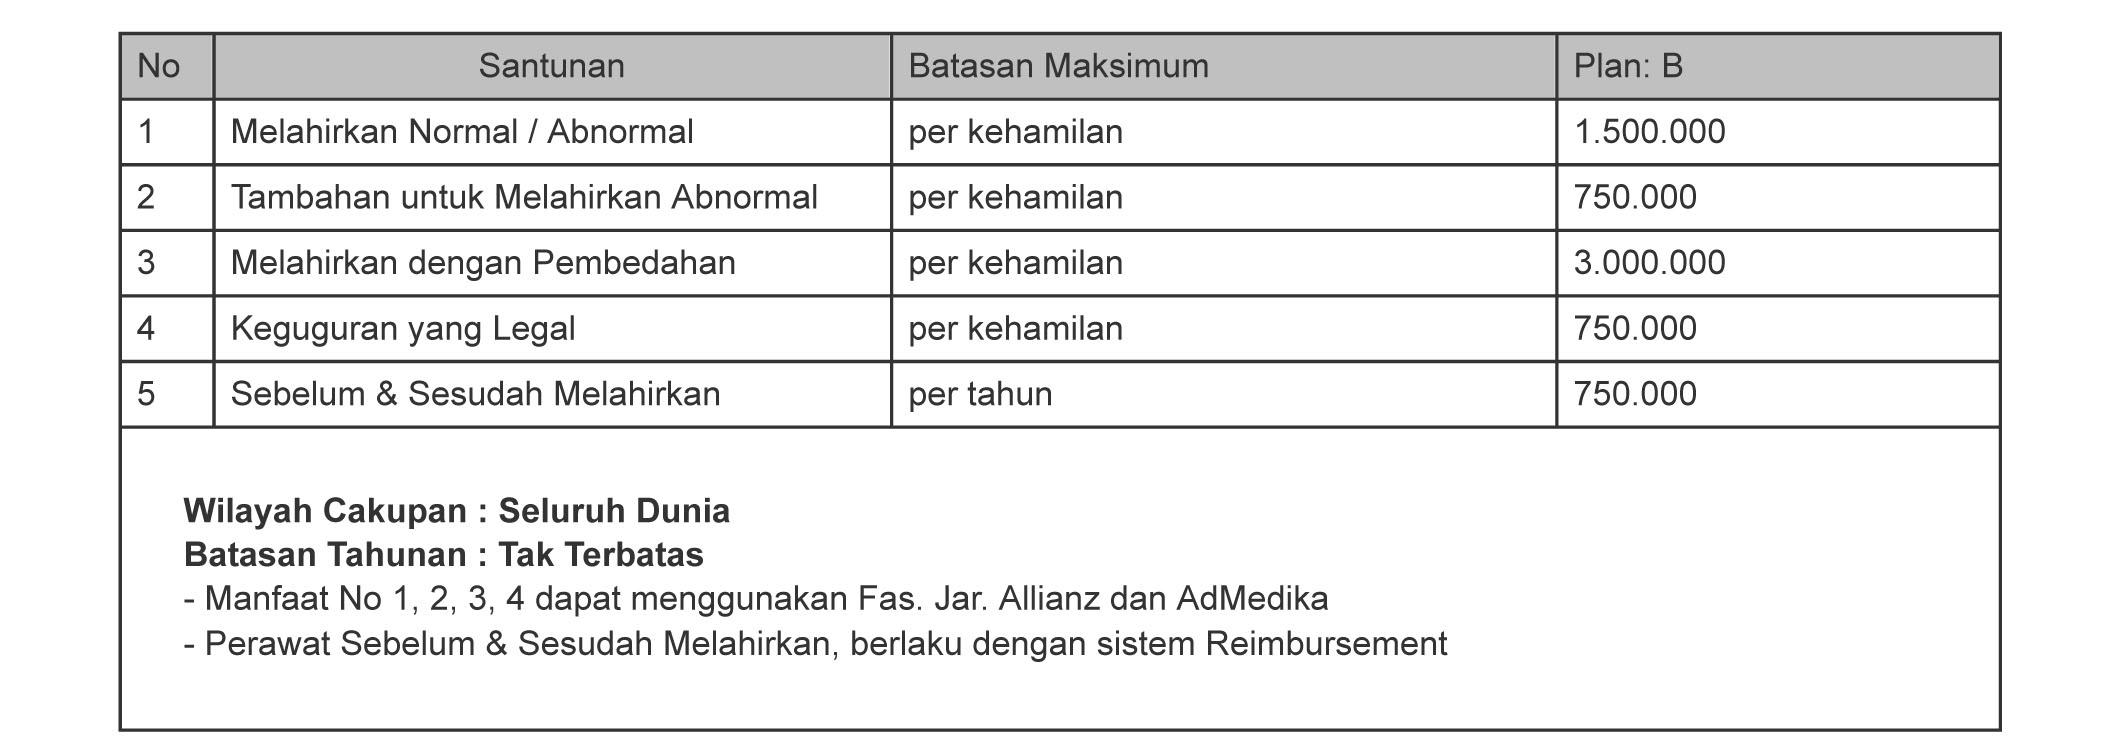 tabel manfaat asuransi melahirkan smarthealth maxi violet atau allisya care plan B